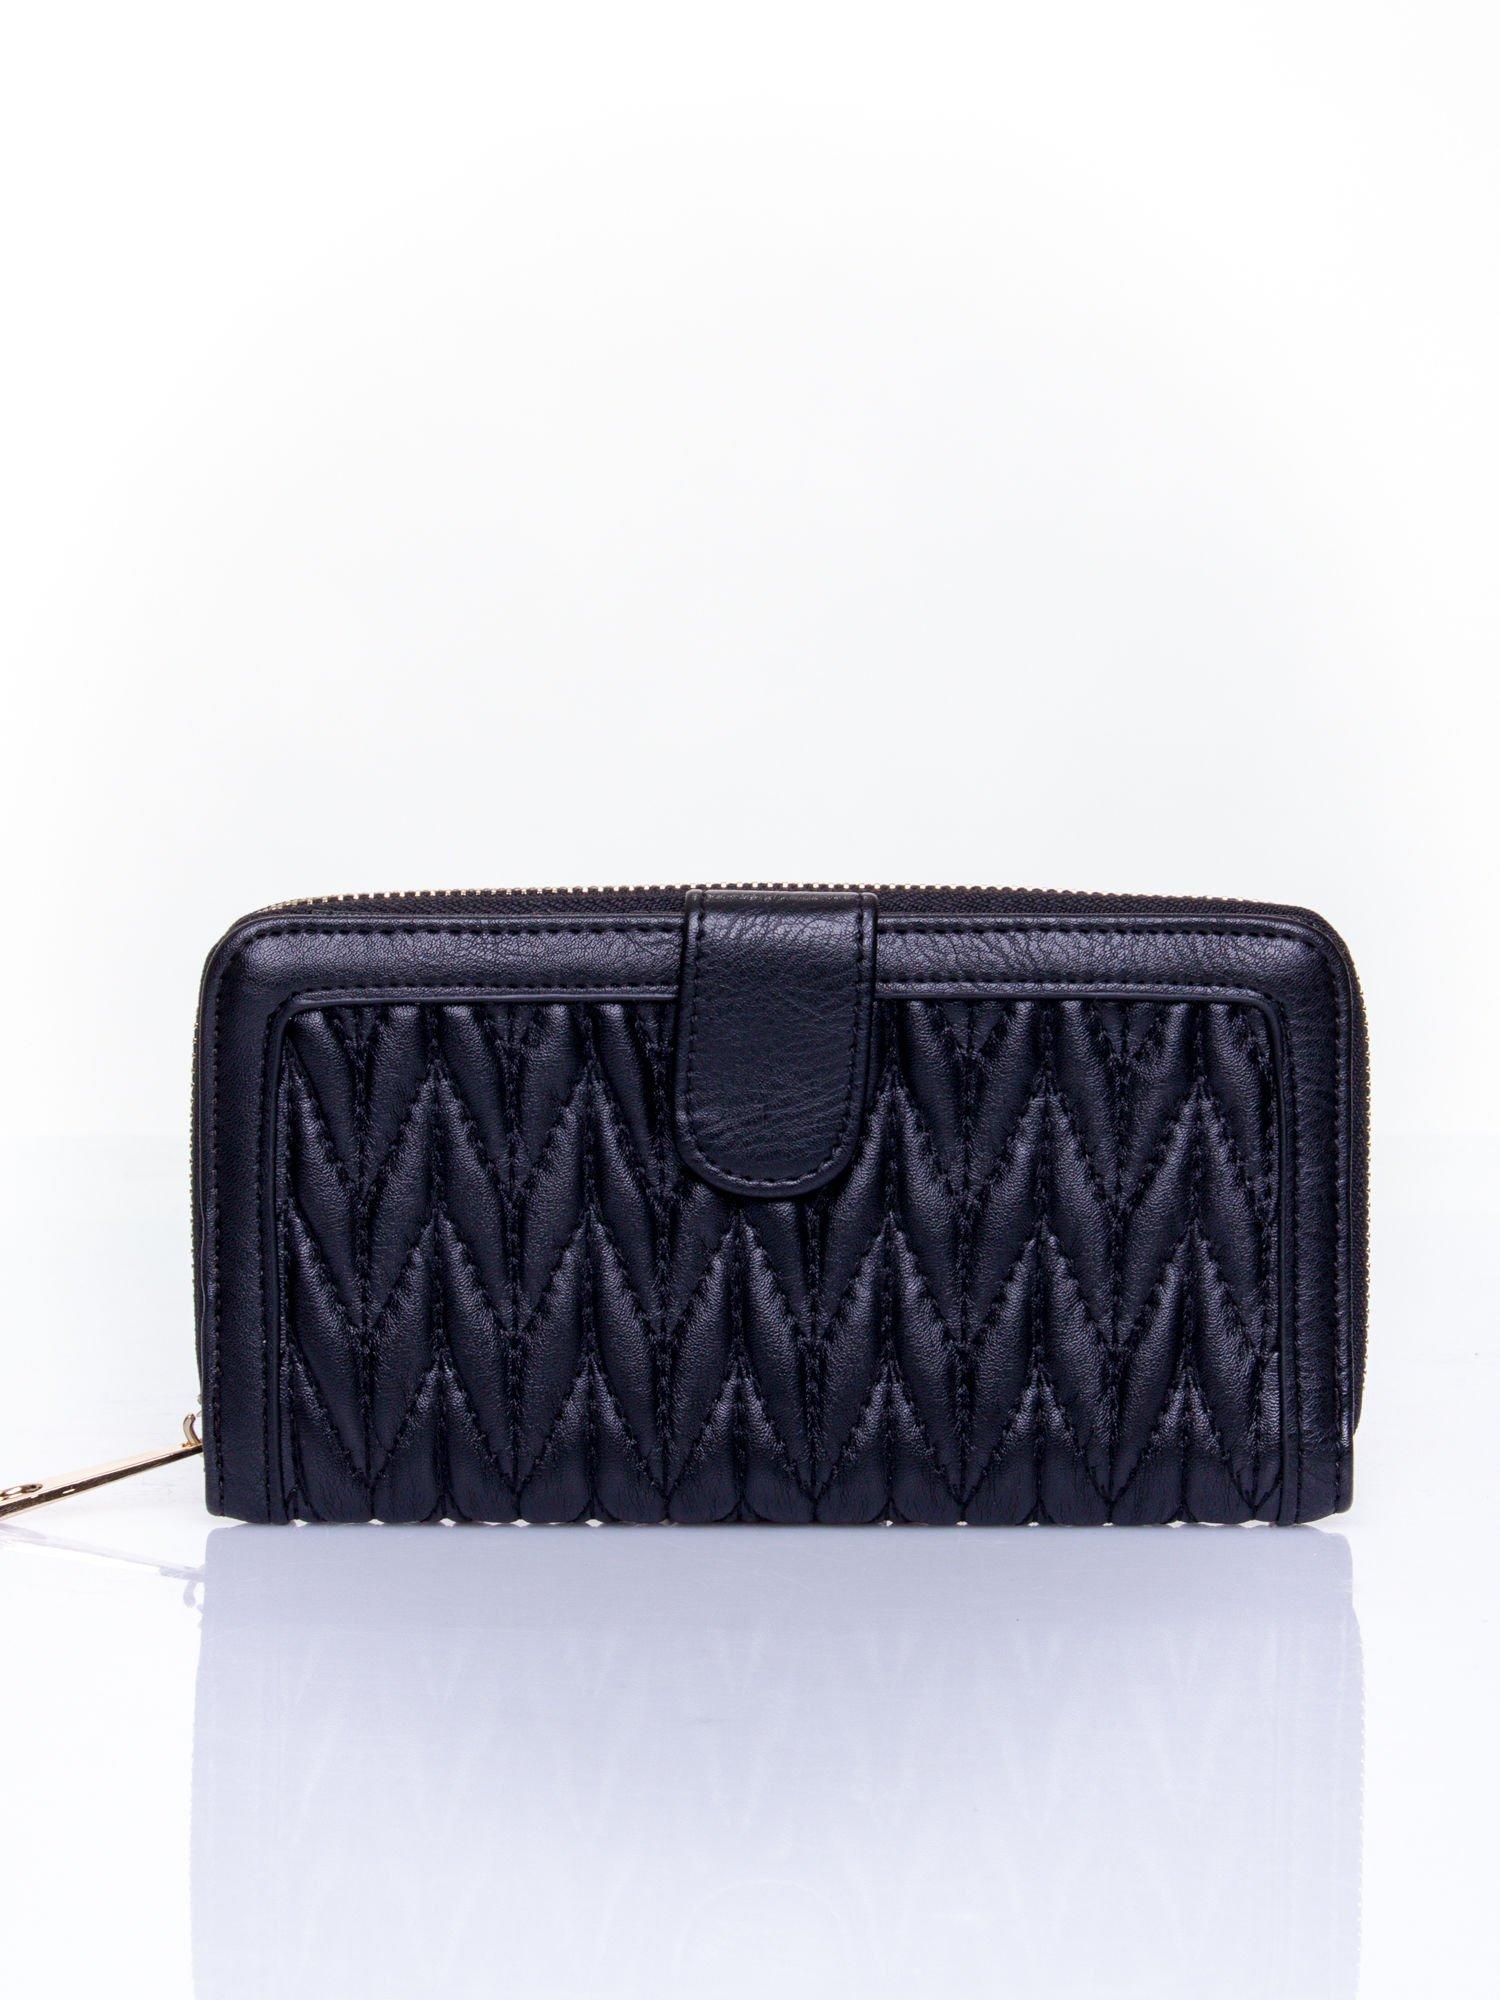 2ff7aaacc4cd9 Czarny pikowany portfel ze złotym suwakiem - Akcesoria portfele ...